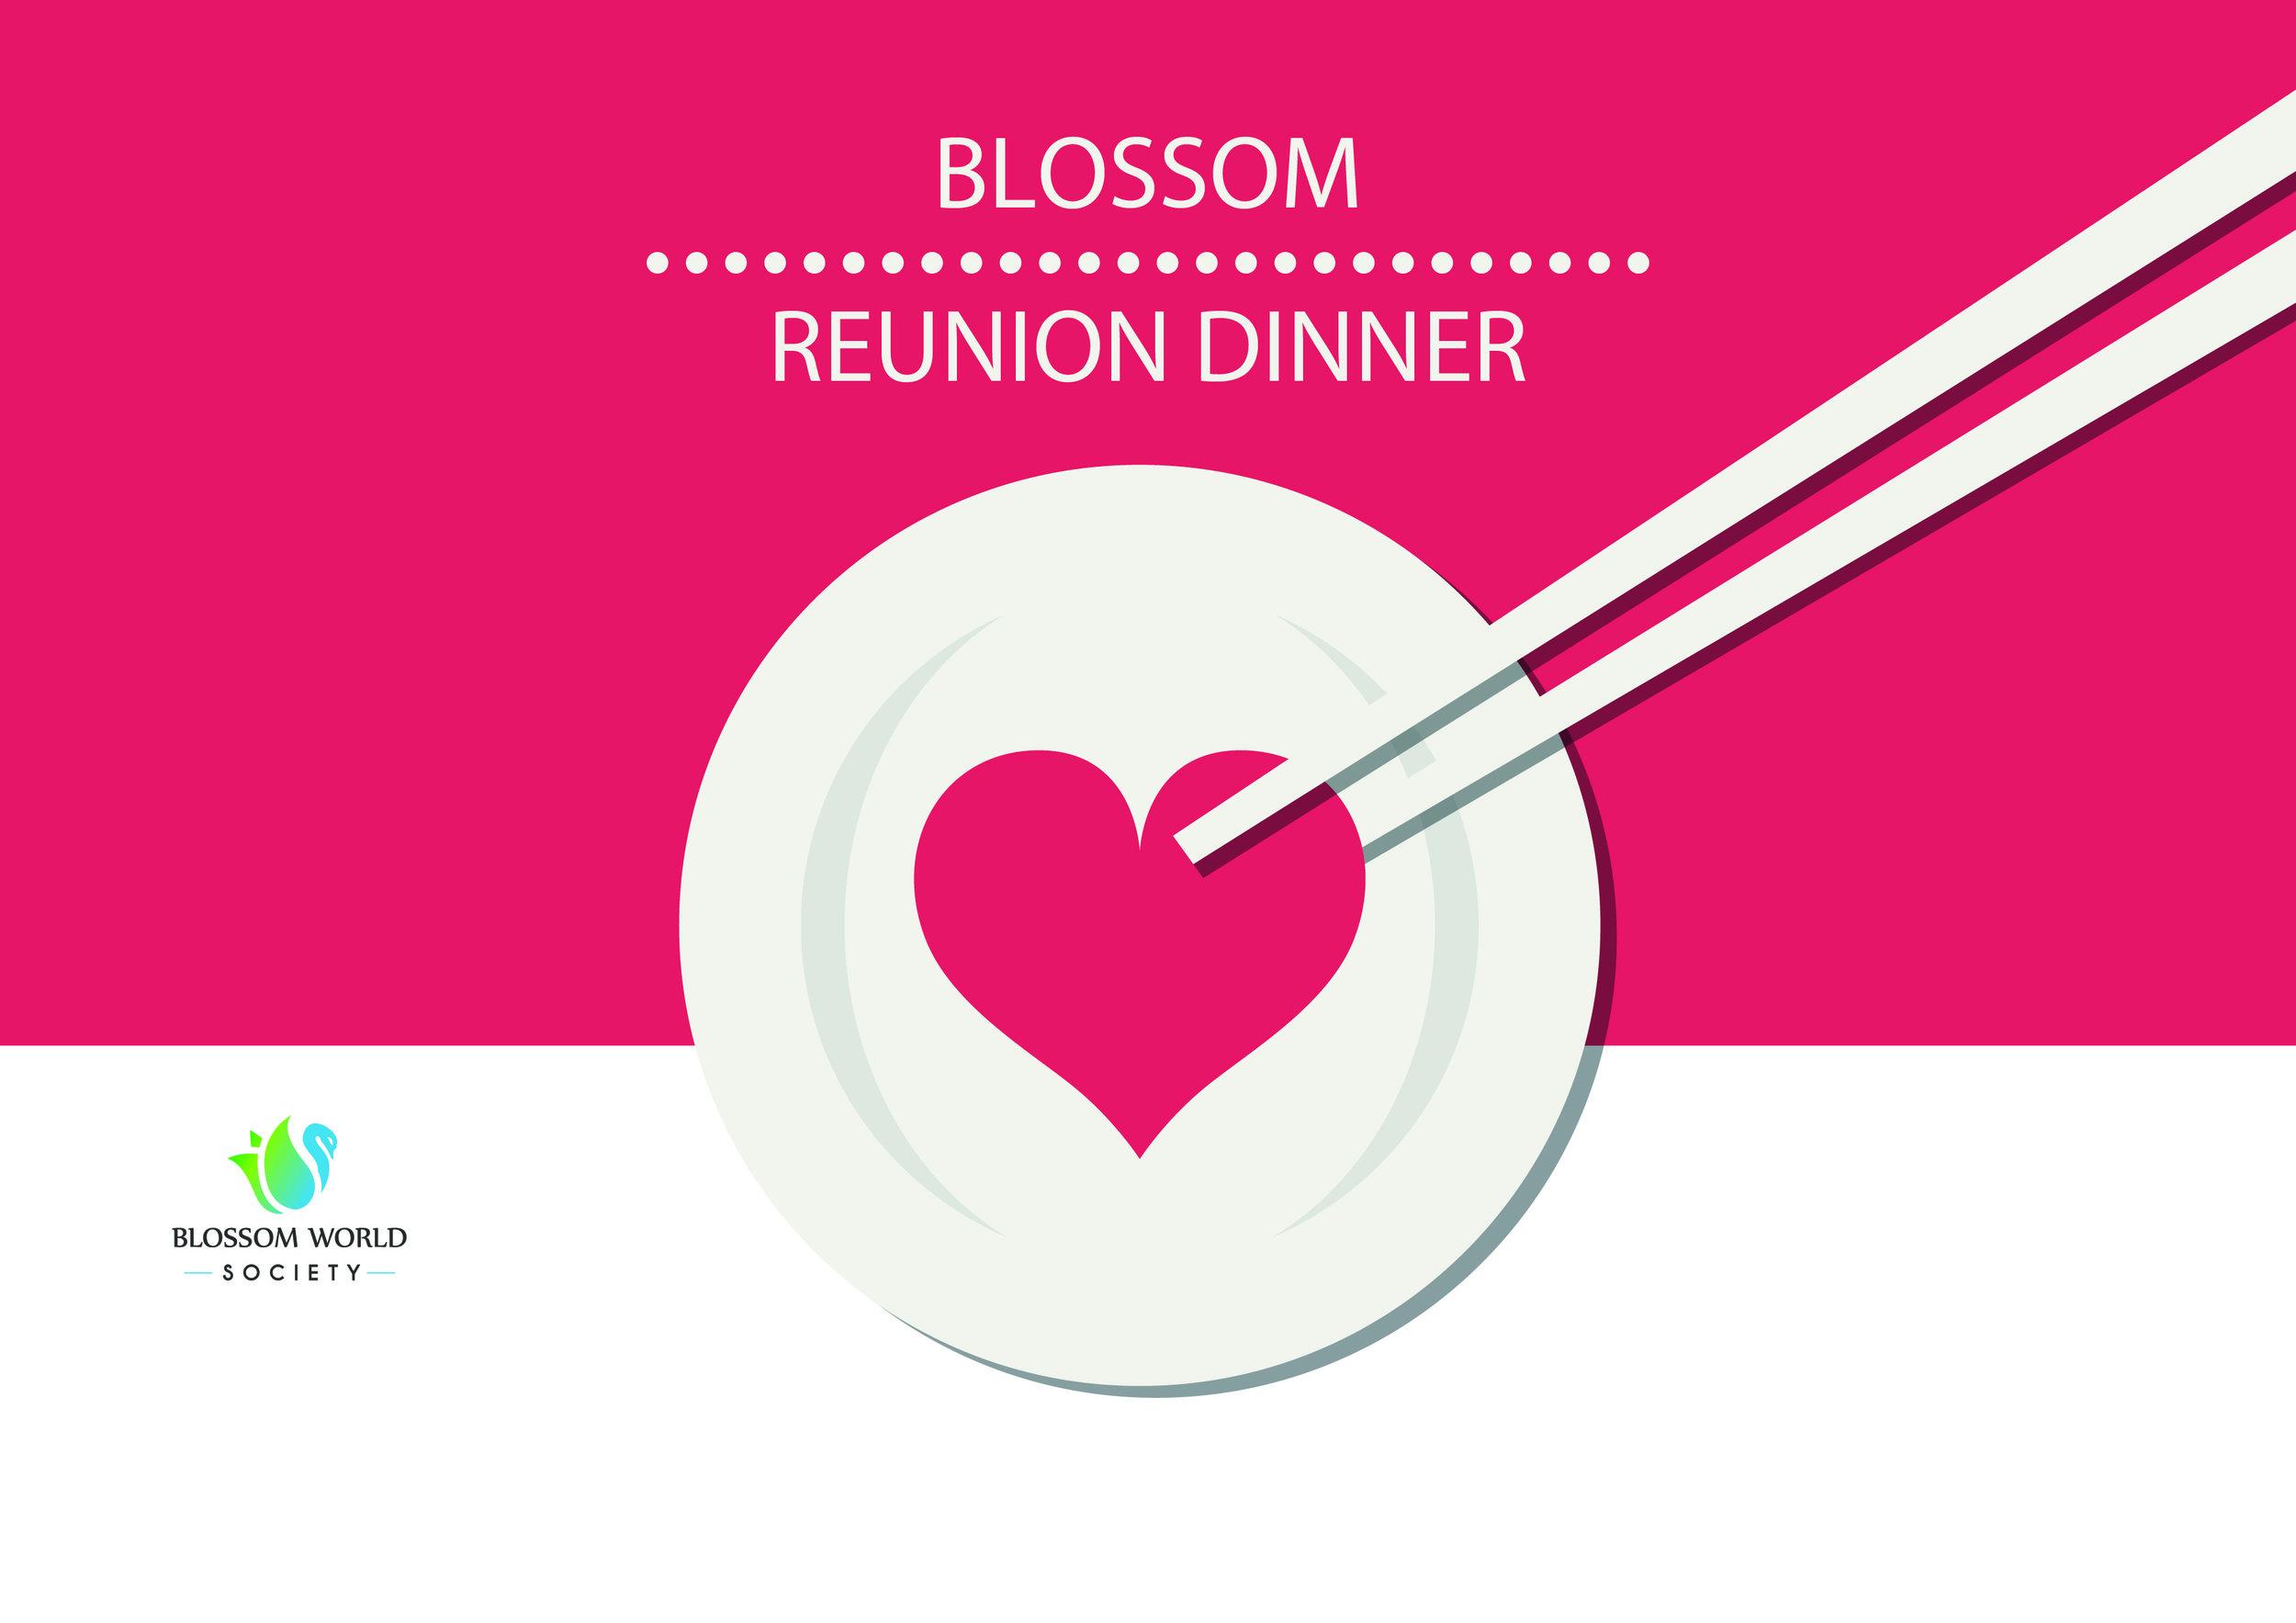 blossom reunion dinner-01asa-01.jpg